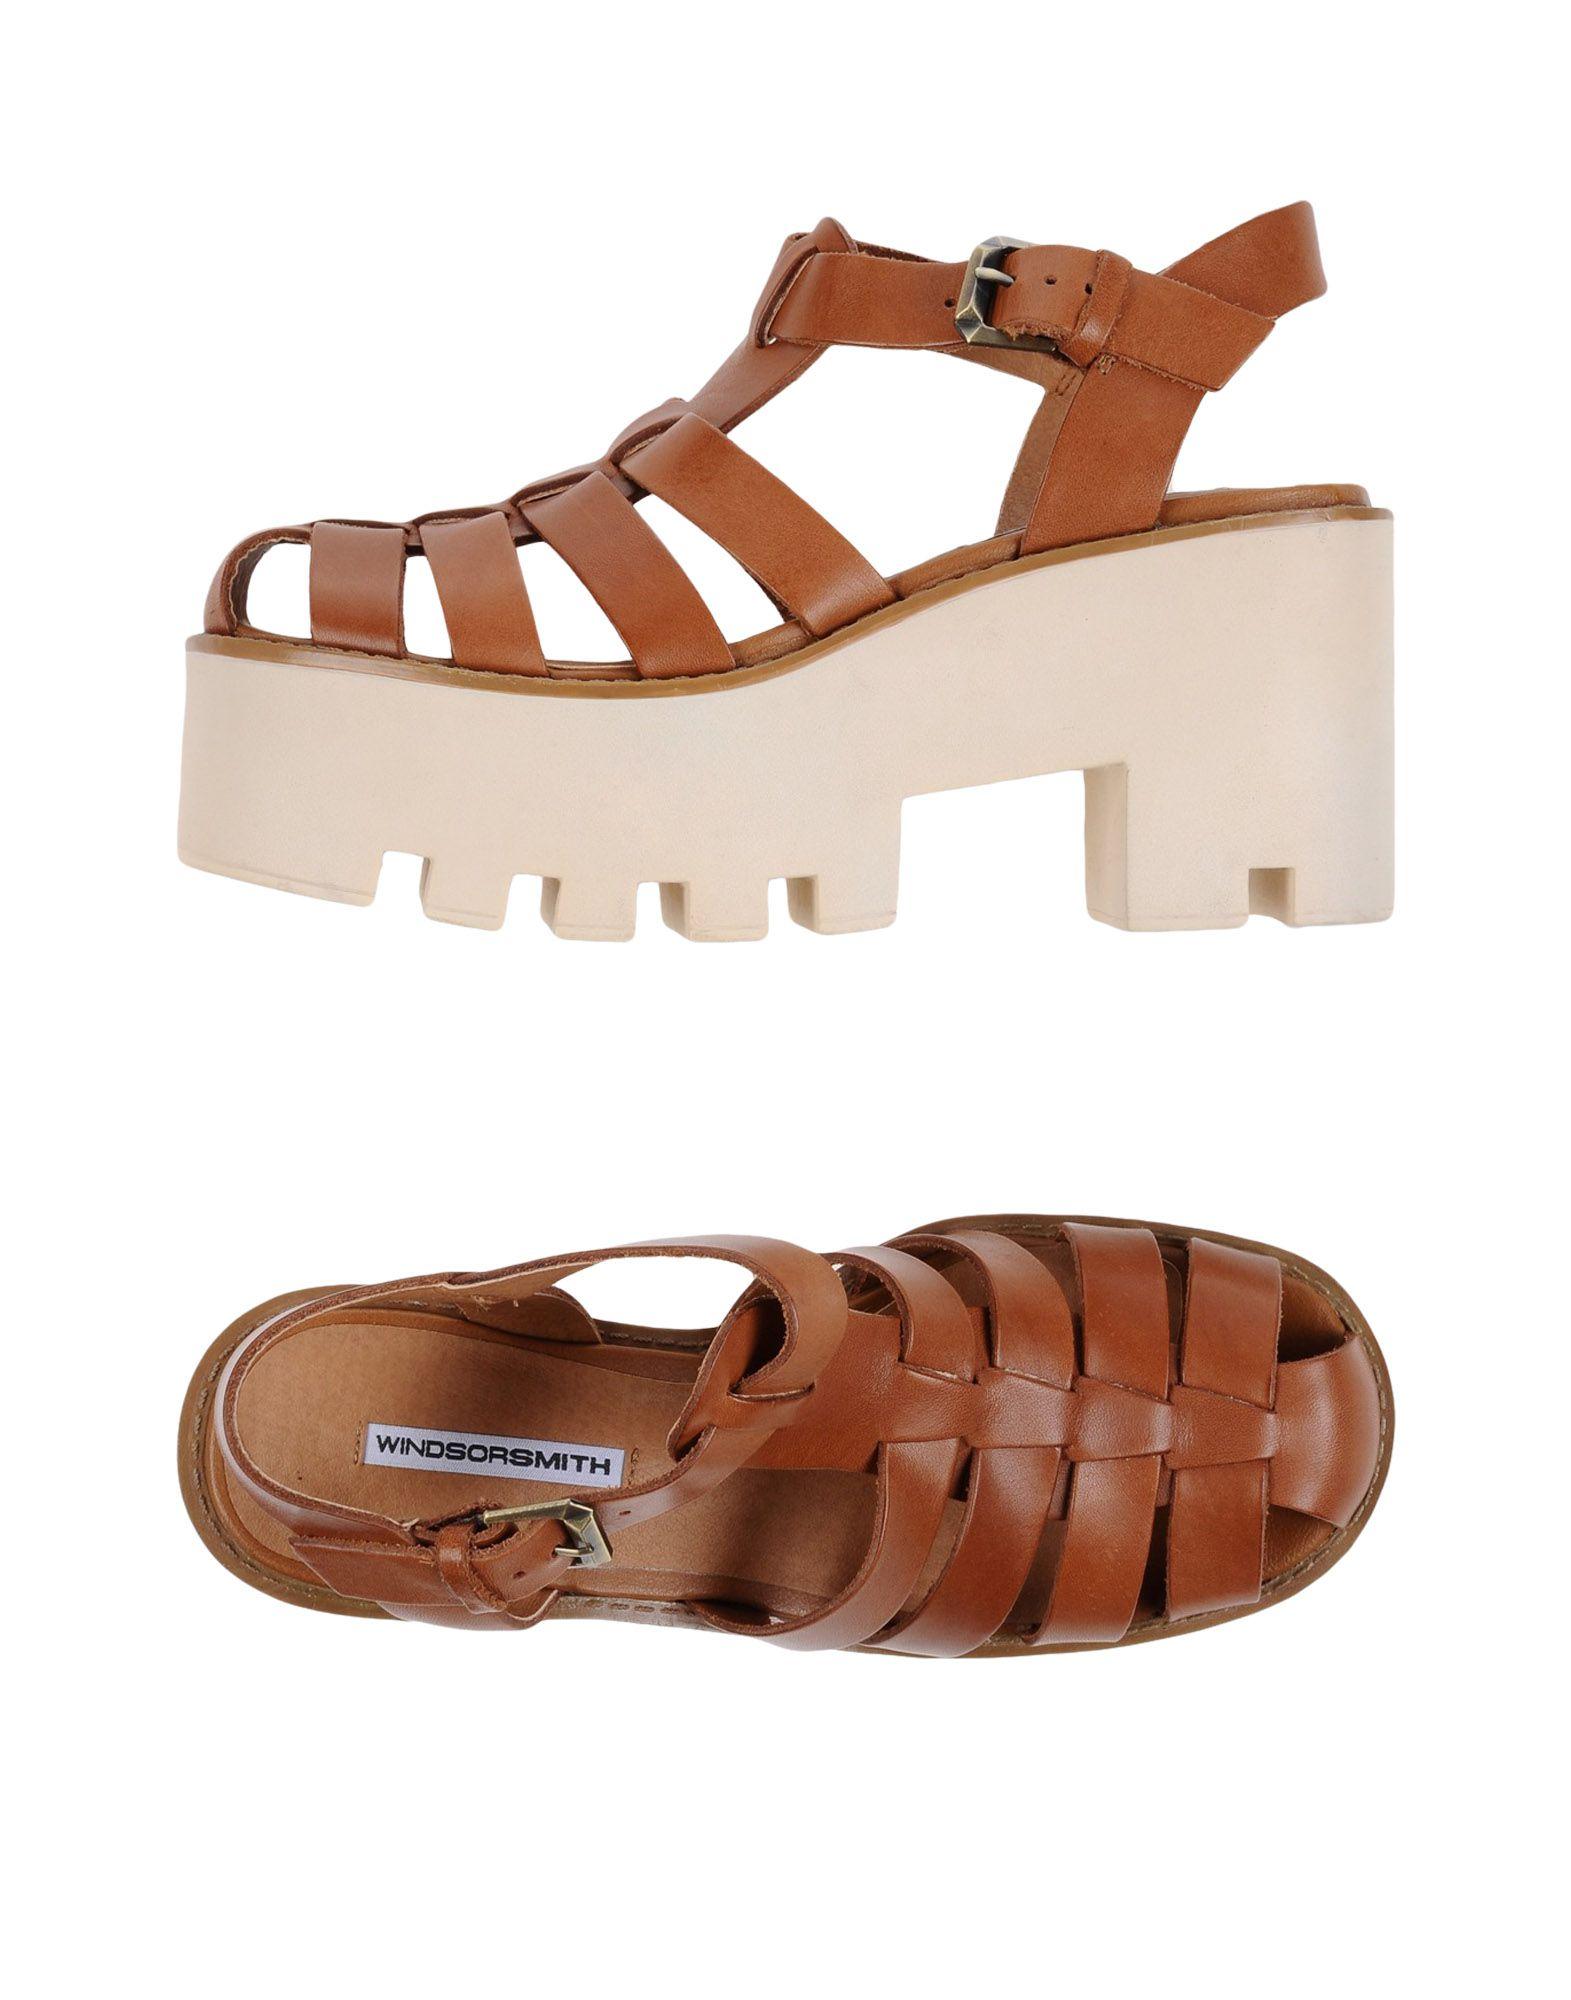 Windsor Smith Sandalen Damen  11132608NJ Gute Qualität beliebte Schuhe Schuhe beliebte d4a4c3